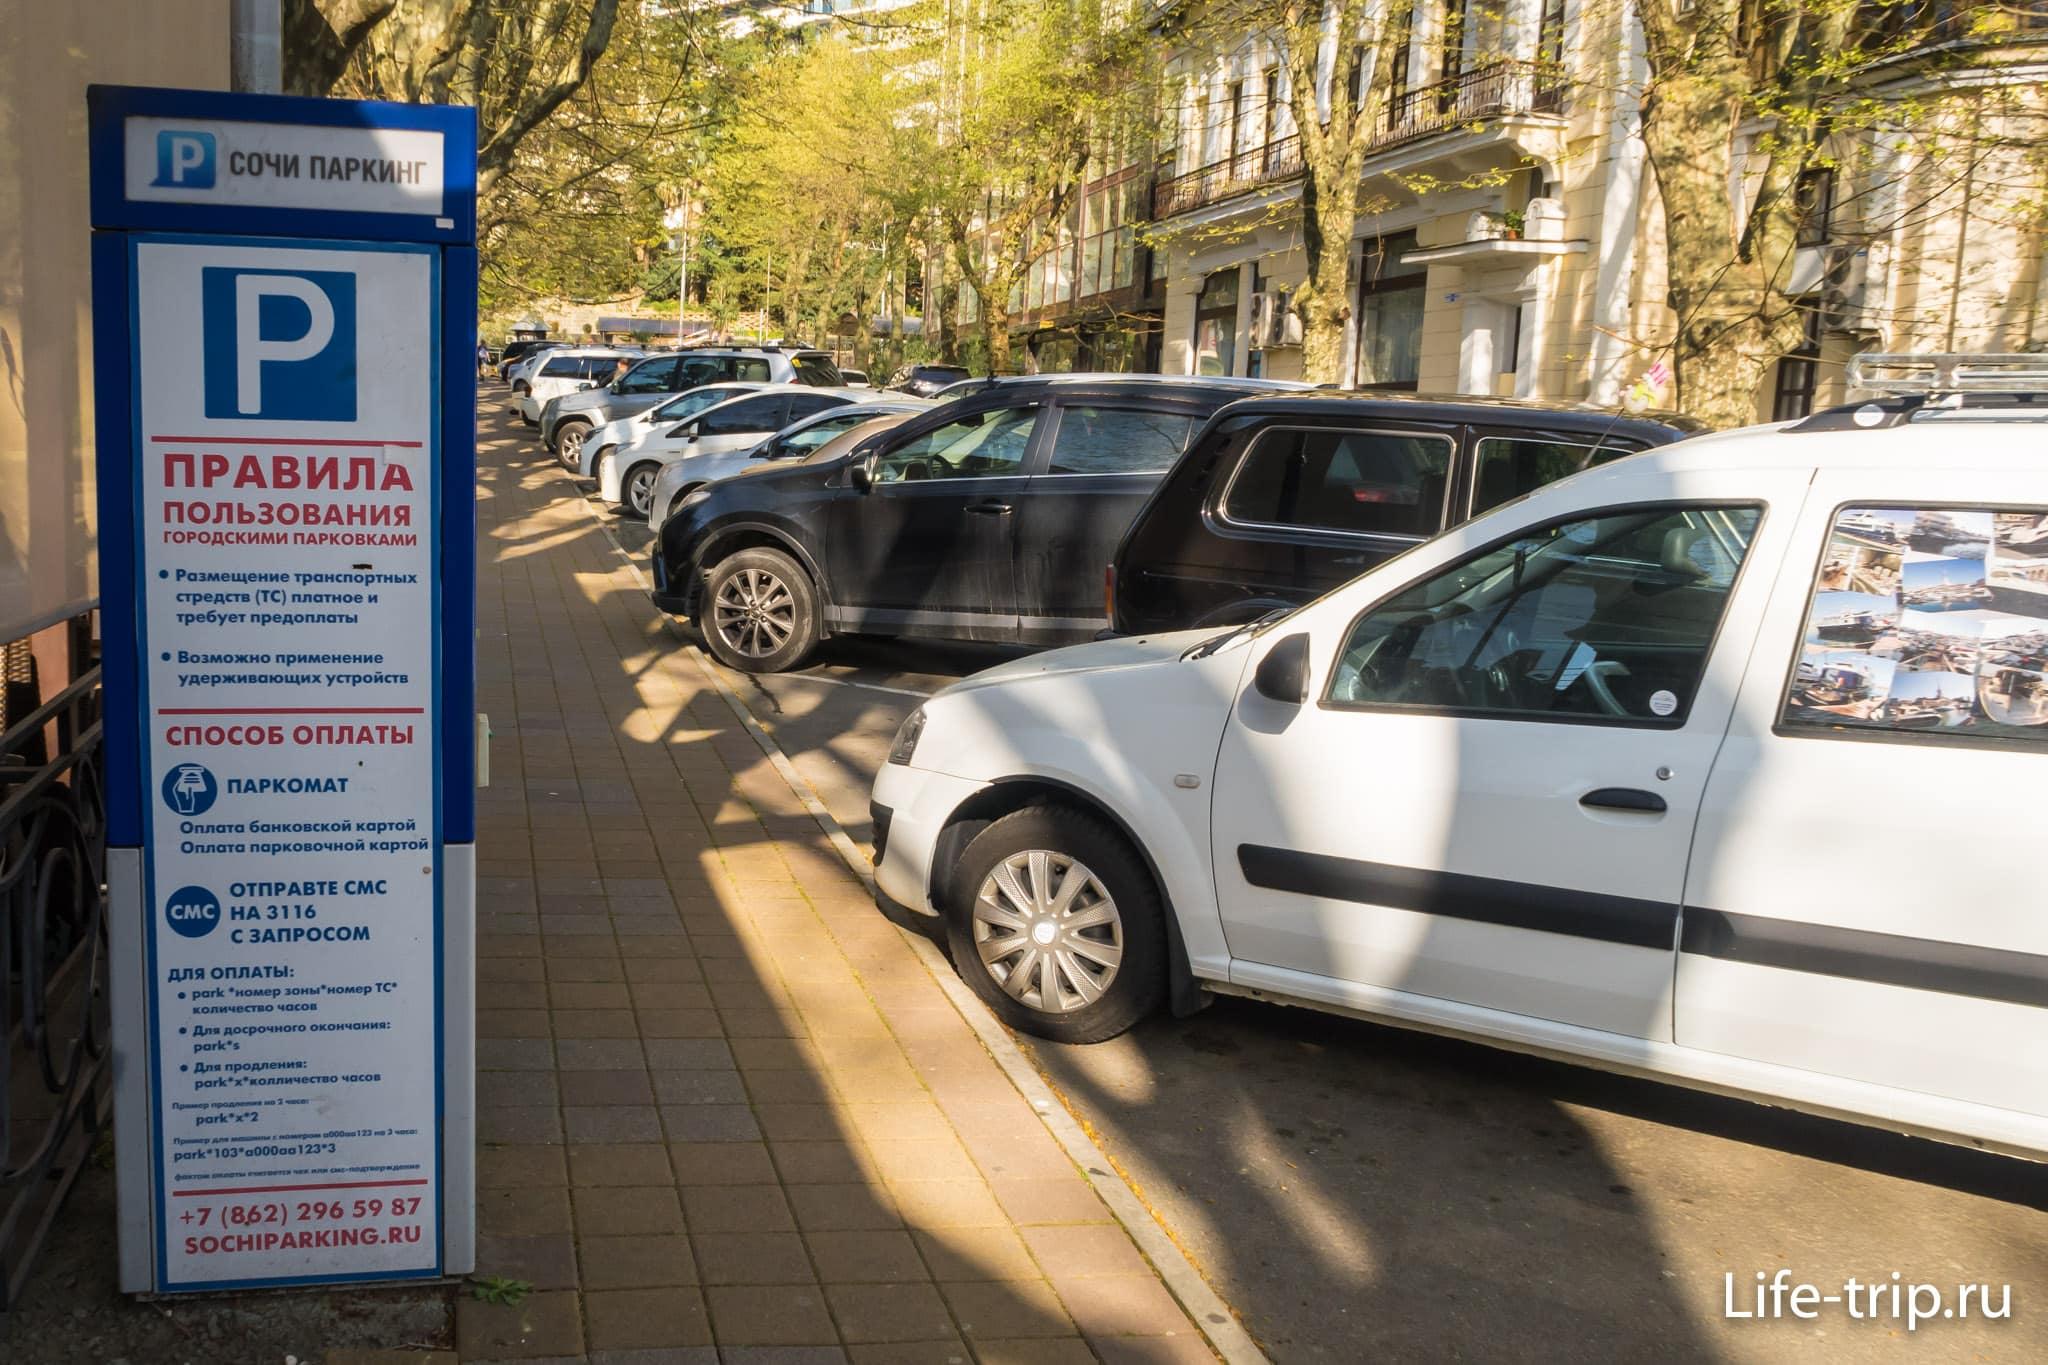 Как долго с 2021 года можно стоять на платной парковке в москве бесплатно?